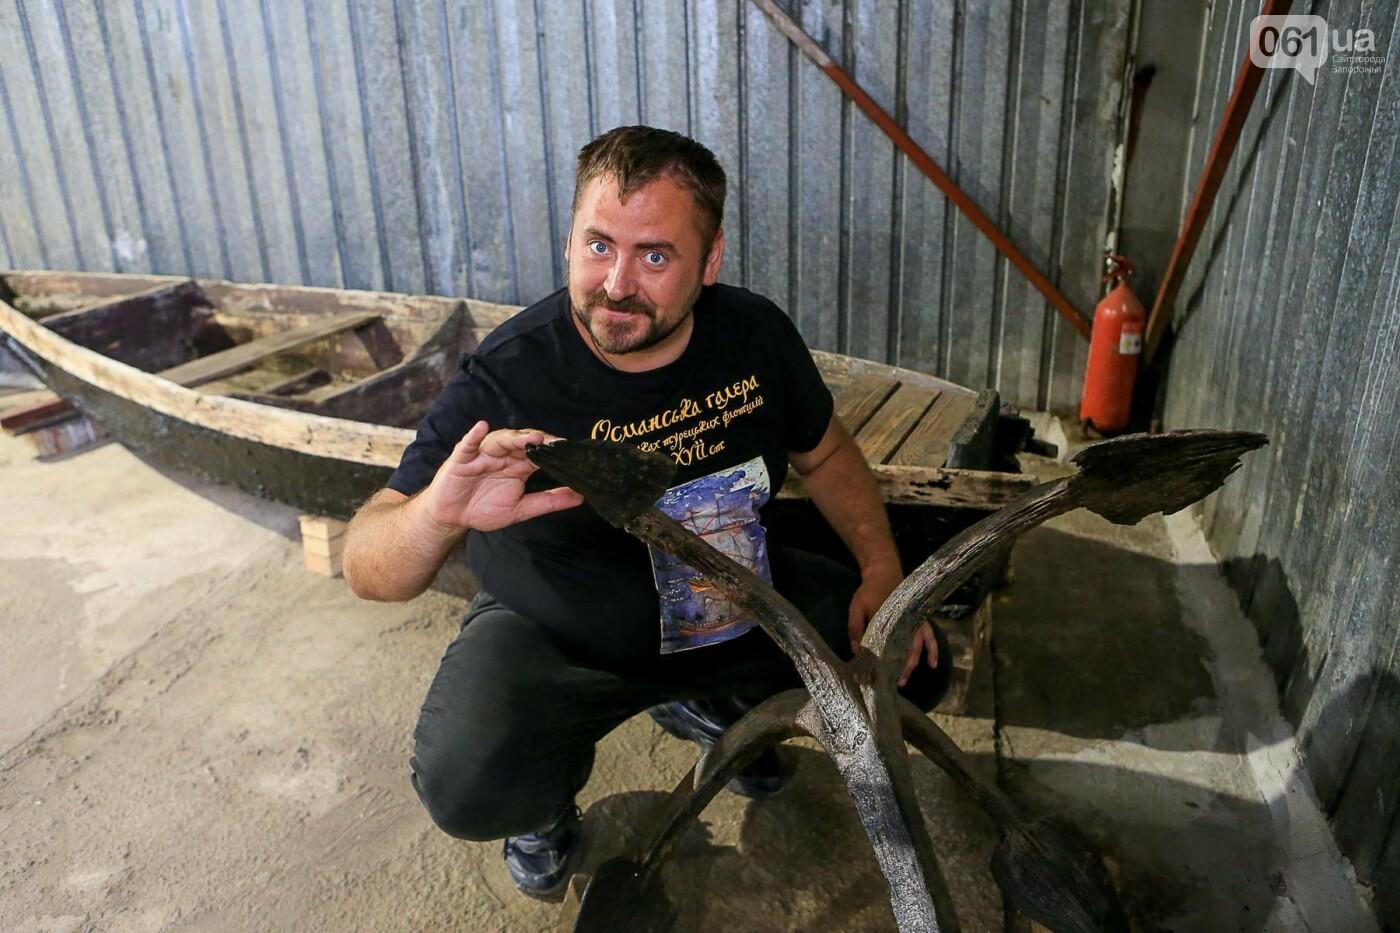 «Ты не понял, мы нашли второе судно»: как запорожские археологи нашли два корабля и зачем им 200 тысяч, - ФОТОРЕПОРТАЖ, фото-12